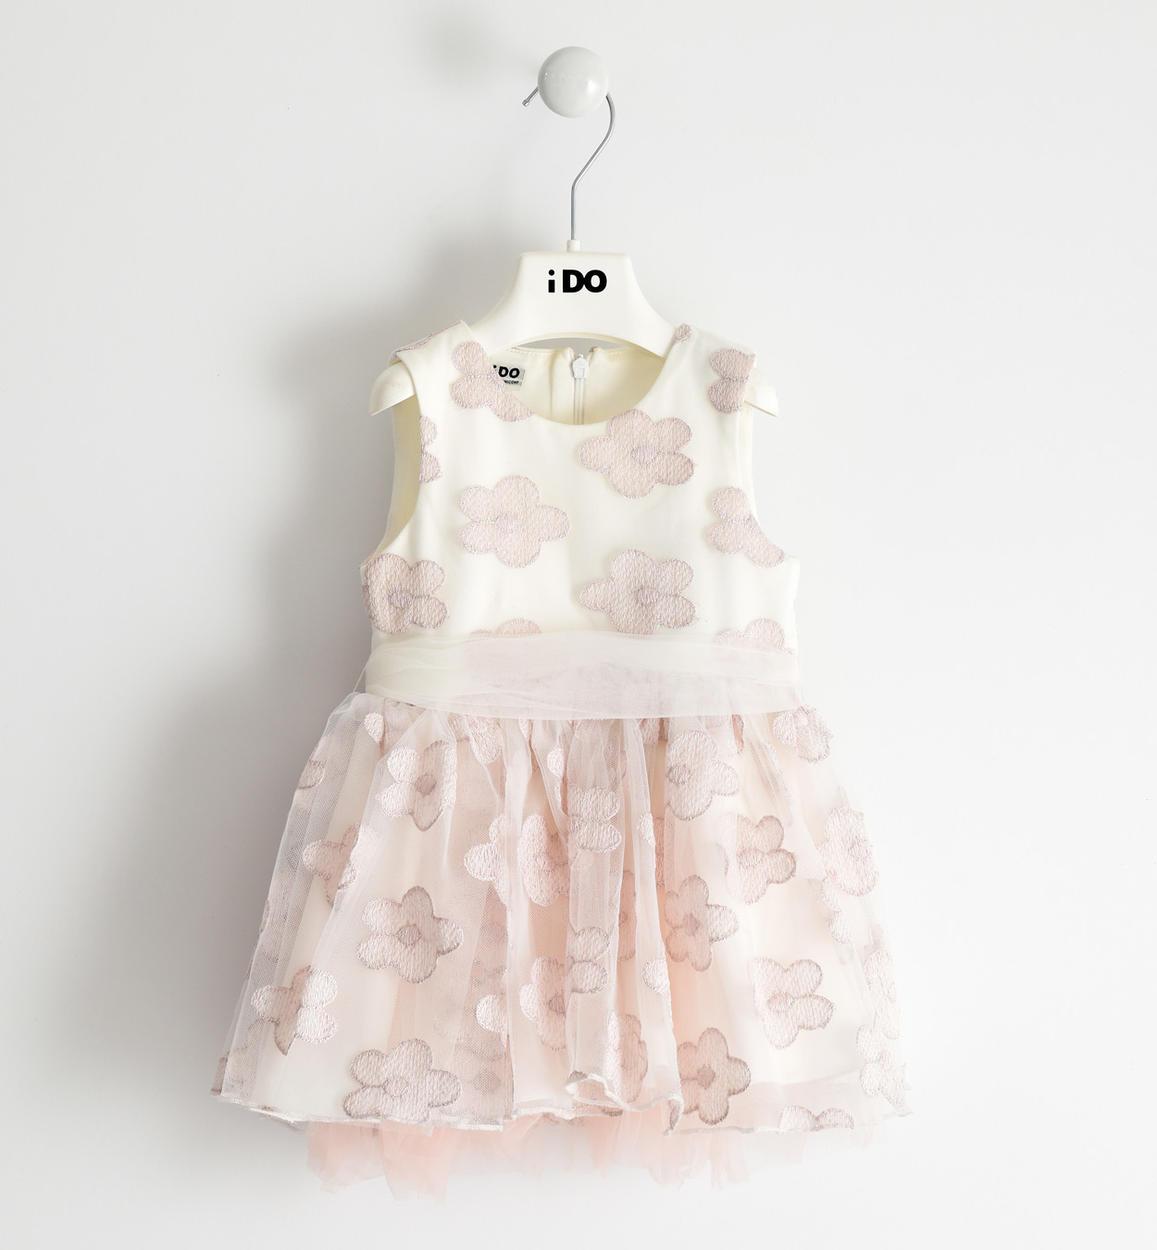 importante abito in tulle ricamato con f panna rosa fronte 01 1444j29500 8146 1